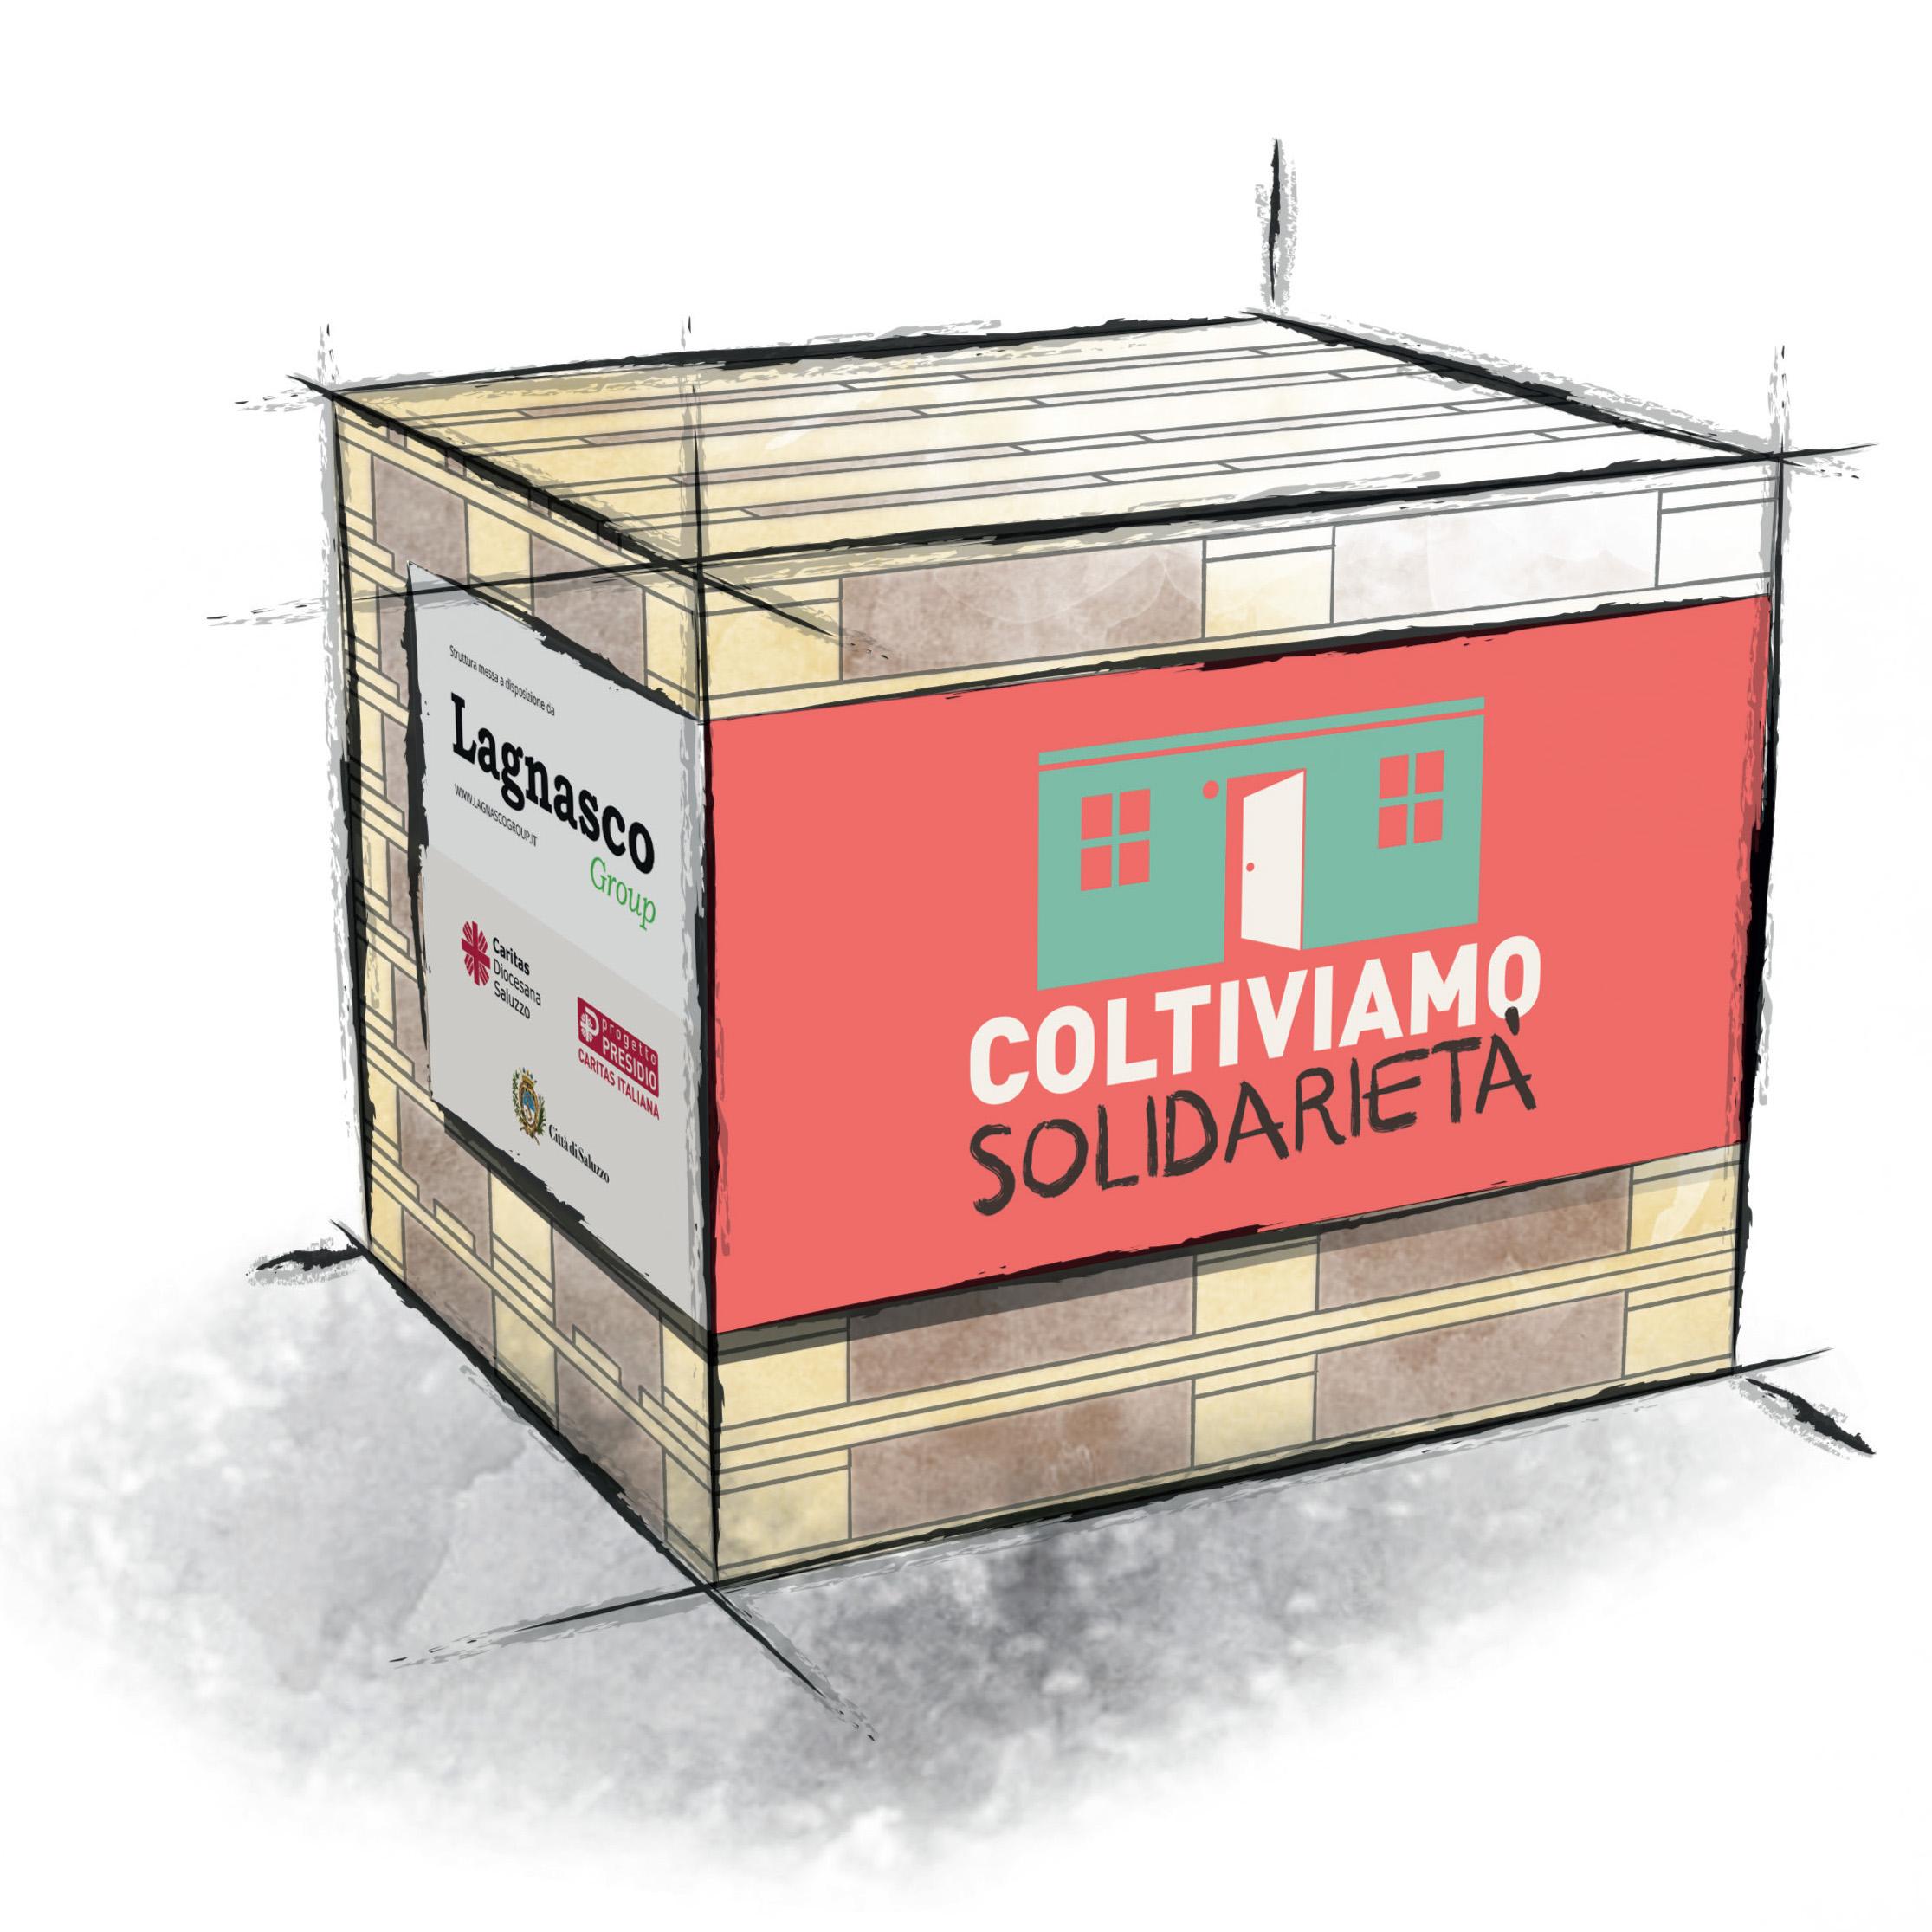 Coltiviamo solidarietà totem damiano saluzzo migrante progetto presidio accoglienza diffusa